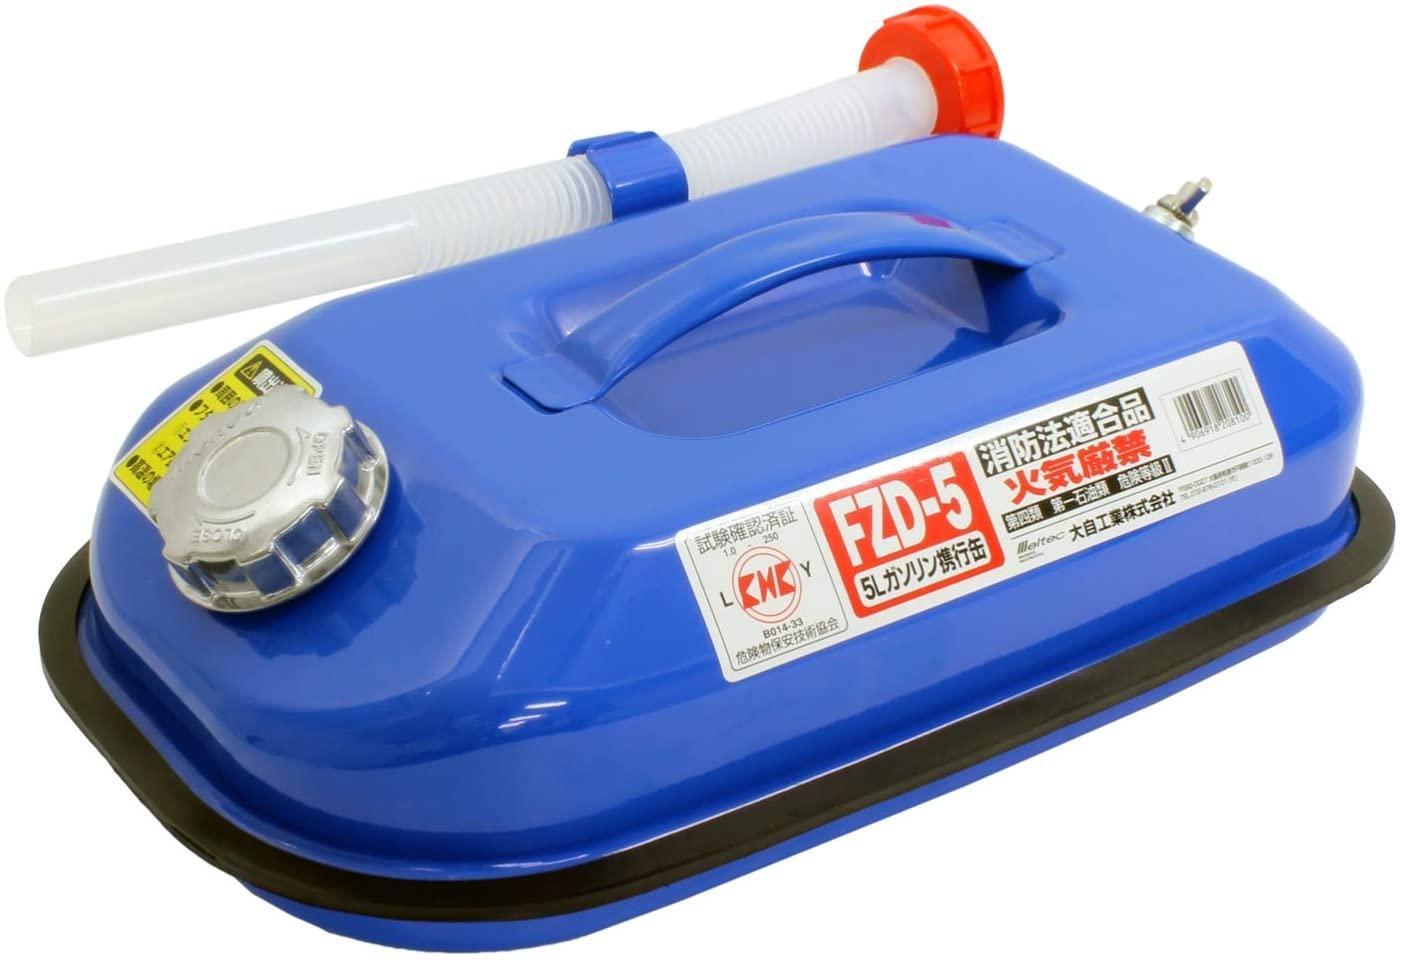 ガソリン携行缶 5L 消防法適合品 KHK 亜鉛メッキ鋼鈑 鋼鈑厚み ブルー 大自工業 アウトレットセール 特集 FZD5 即納最大半額 積重ねタイプ 0.8mm